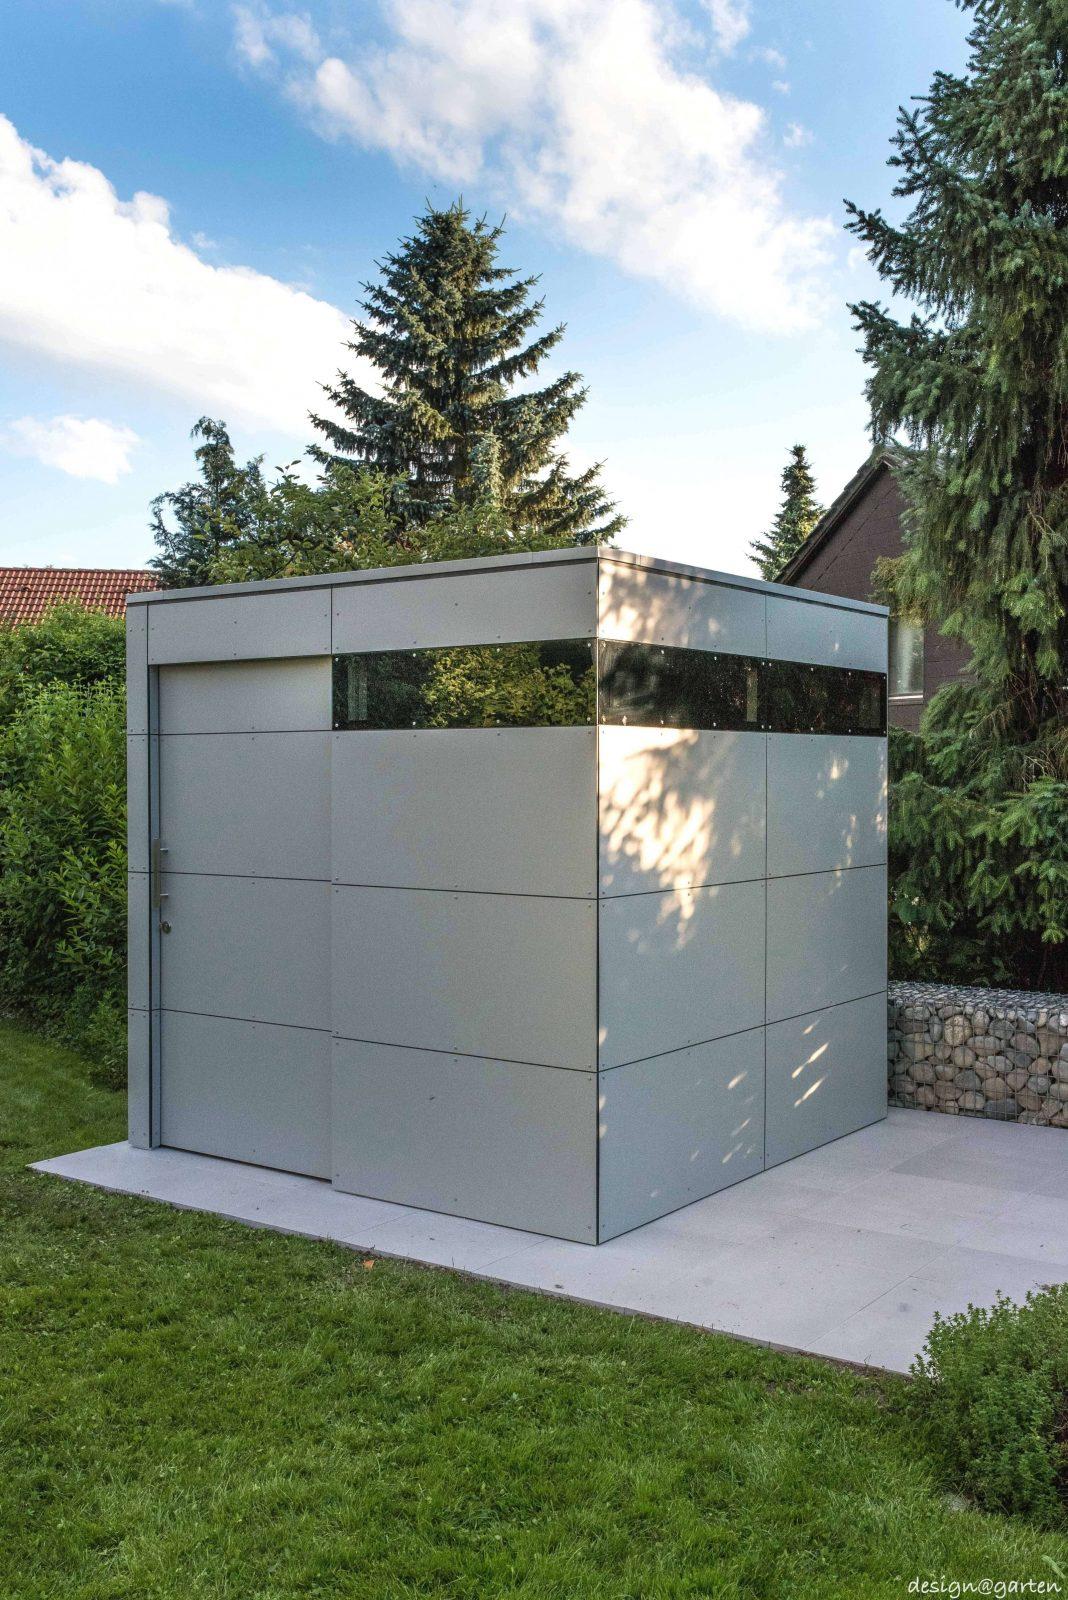 Atemberaubende Ideen Für Den Garten Schema Von Plane Für Balkon von Atemberaubende Ideen Für Den Garten Bild